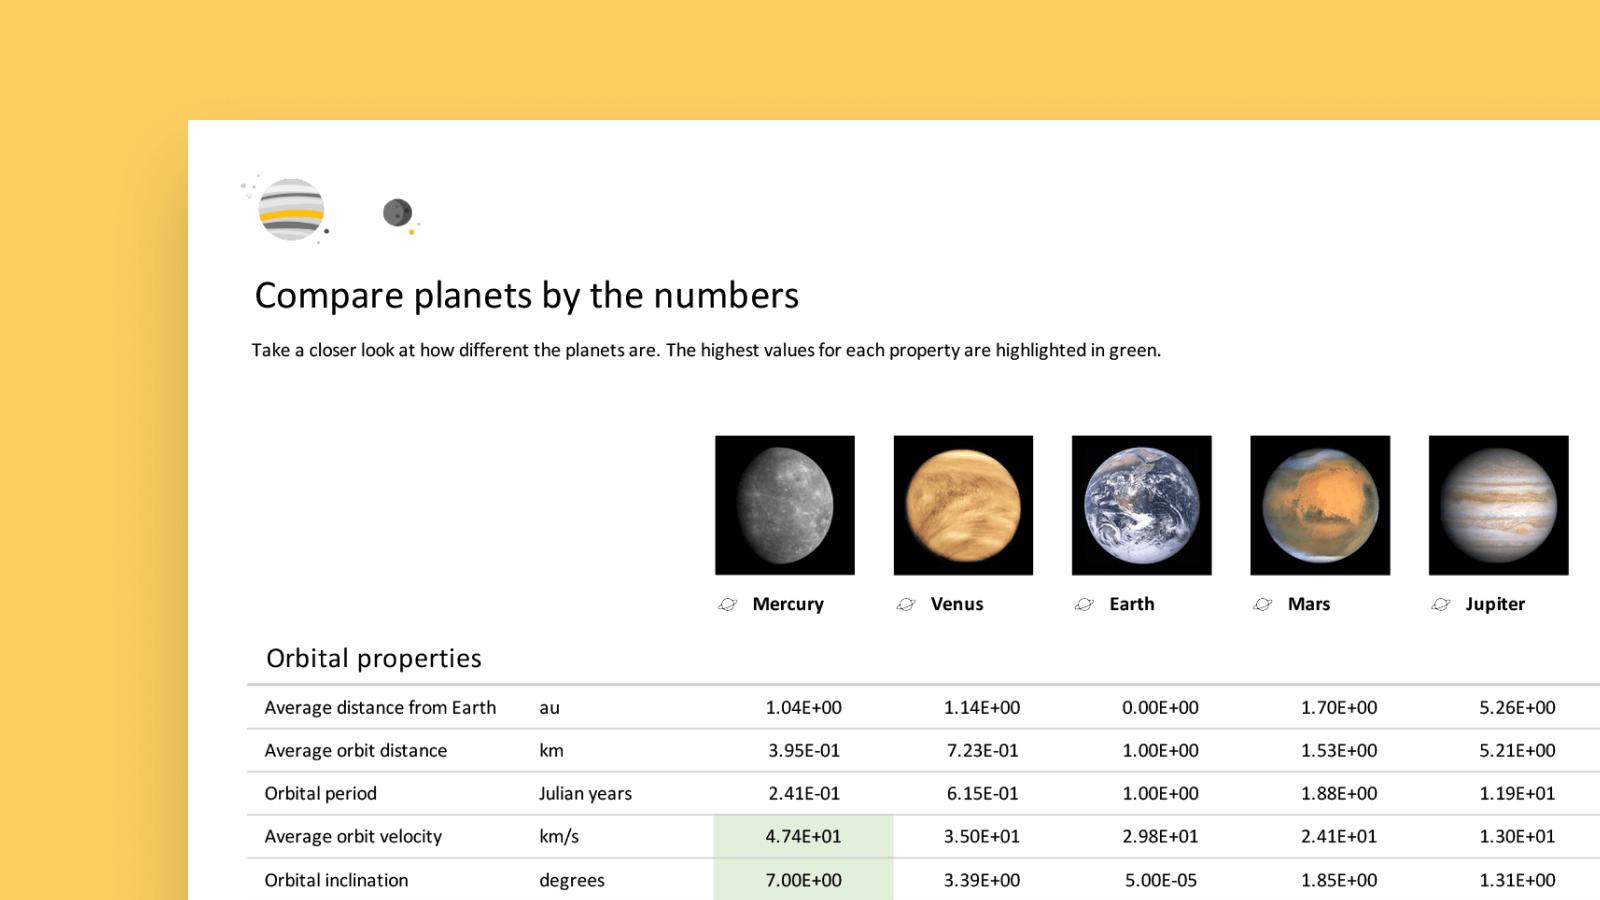 鎢星球範本的螢幕擷取畫面